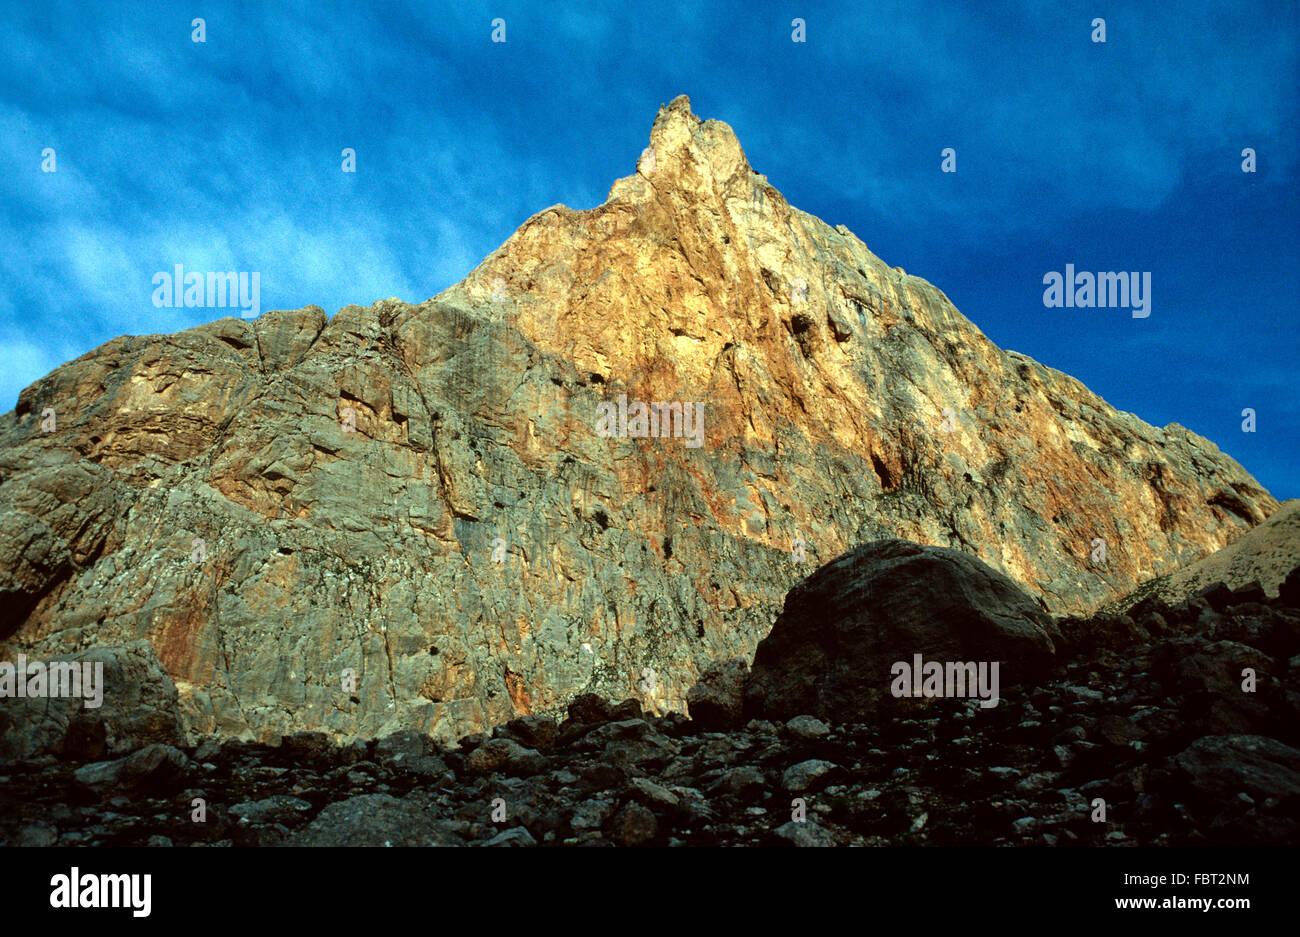 Alba sopra la Gola di Narpuz nell'Ala Daghia gamma delle montagne del taurus Turchia Immagini Stock